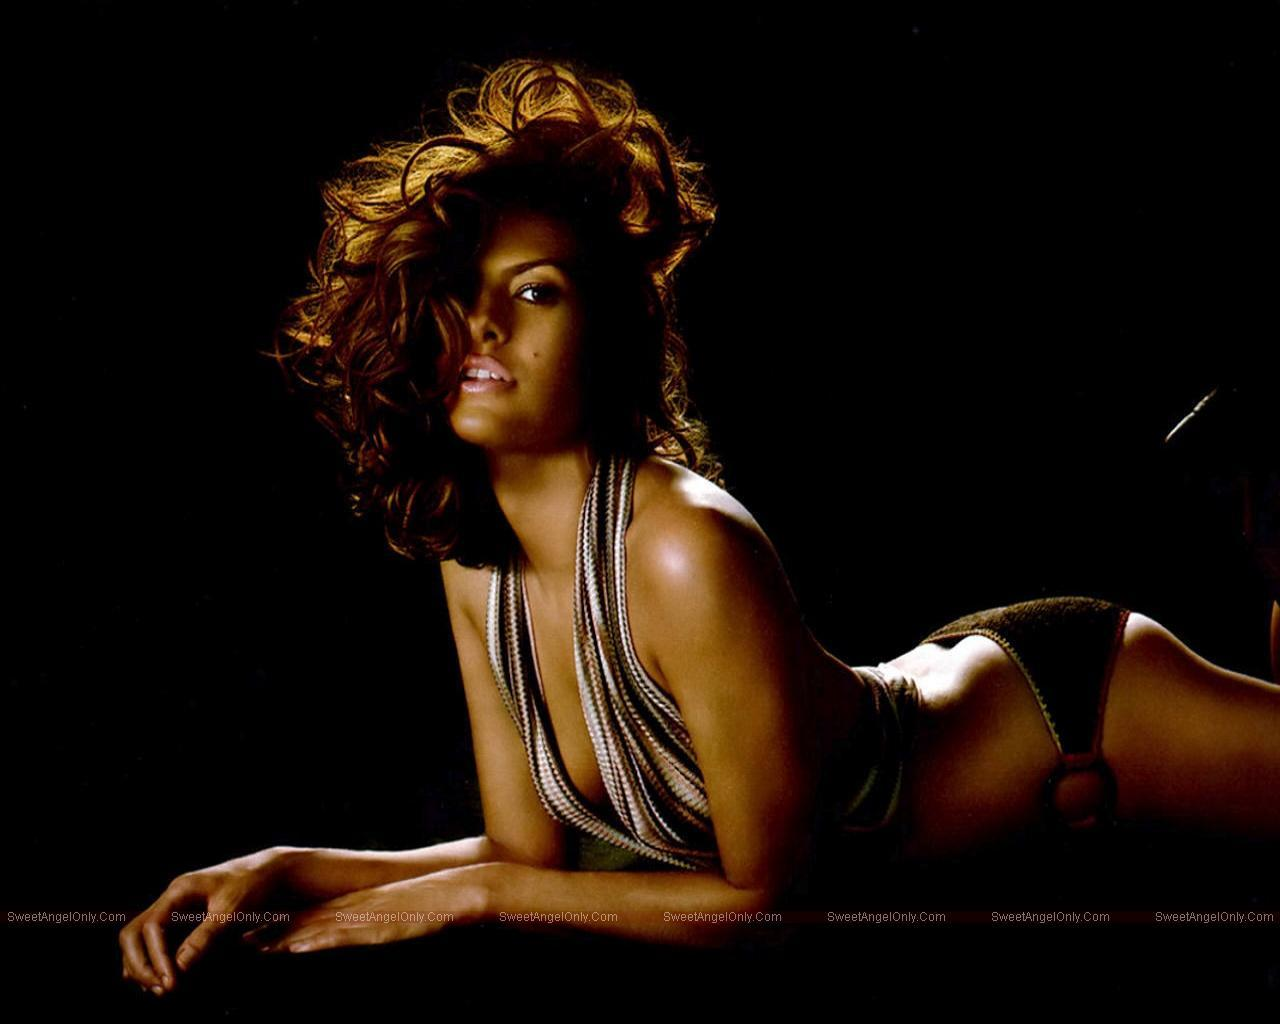 http://2.bp.blogspot.com/_jJPqWg6V3Y8/TUbBqVdkpKI/AAAAAAAAEGs/y4nE19thg-A/s1600/Eva_Mendes_Hot_Wallpapers__SweetAngelOnly_24.jpg